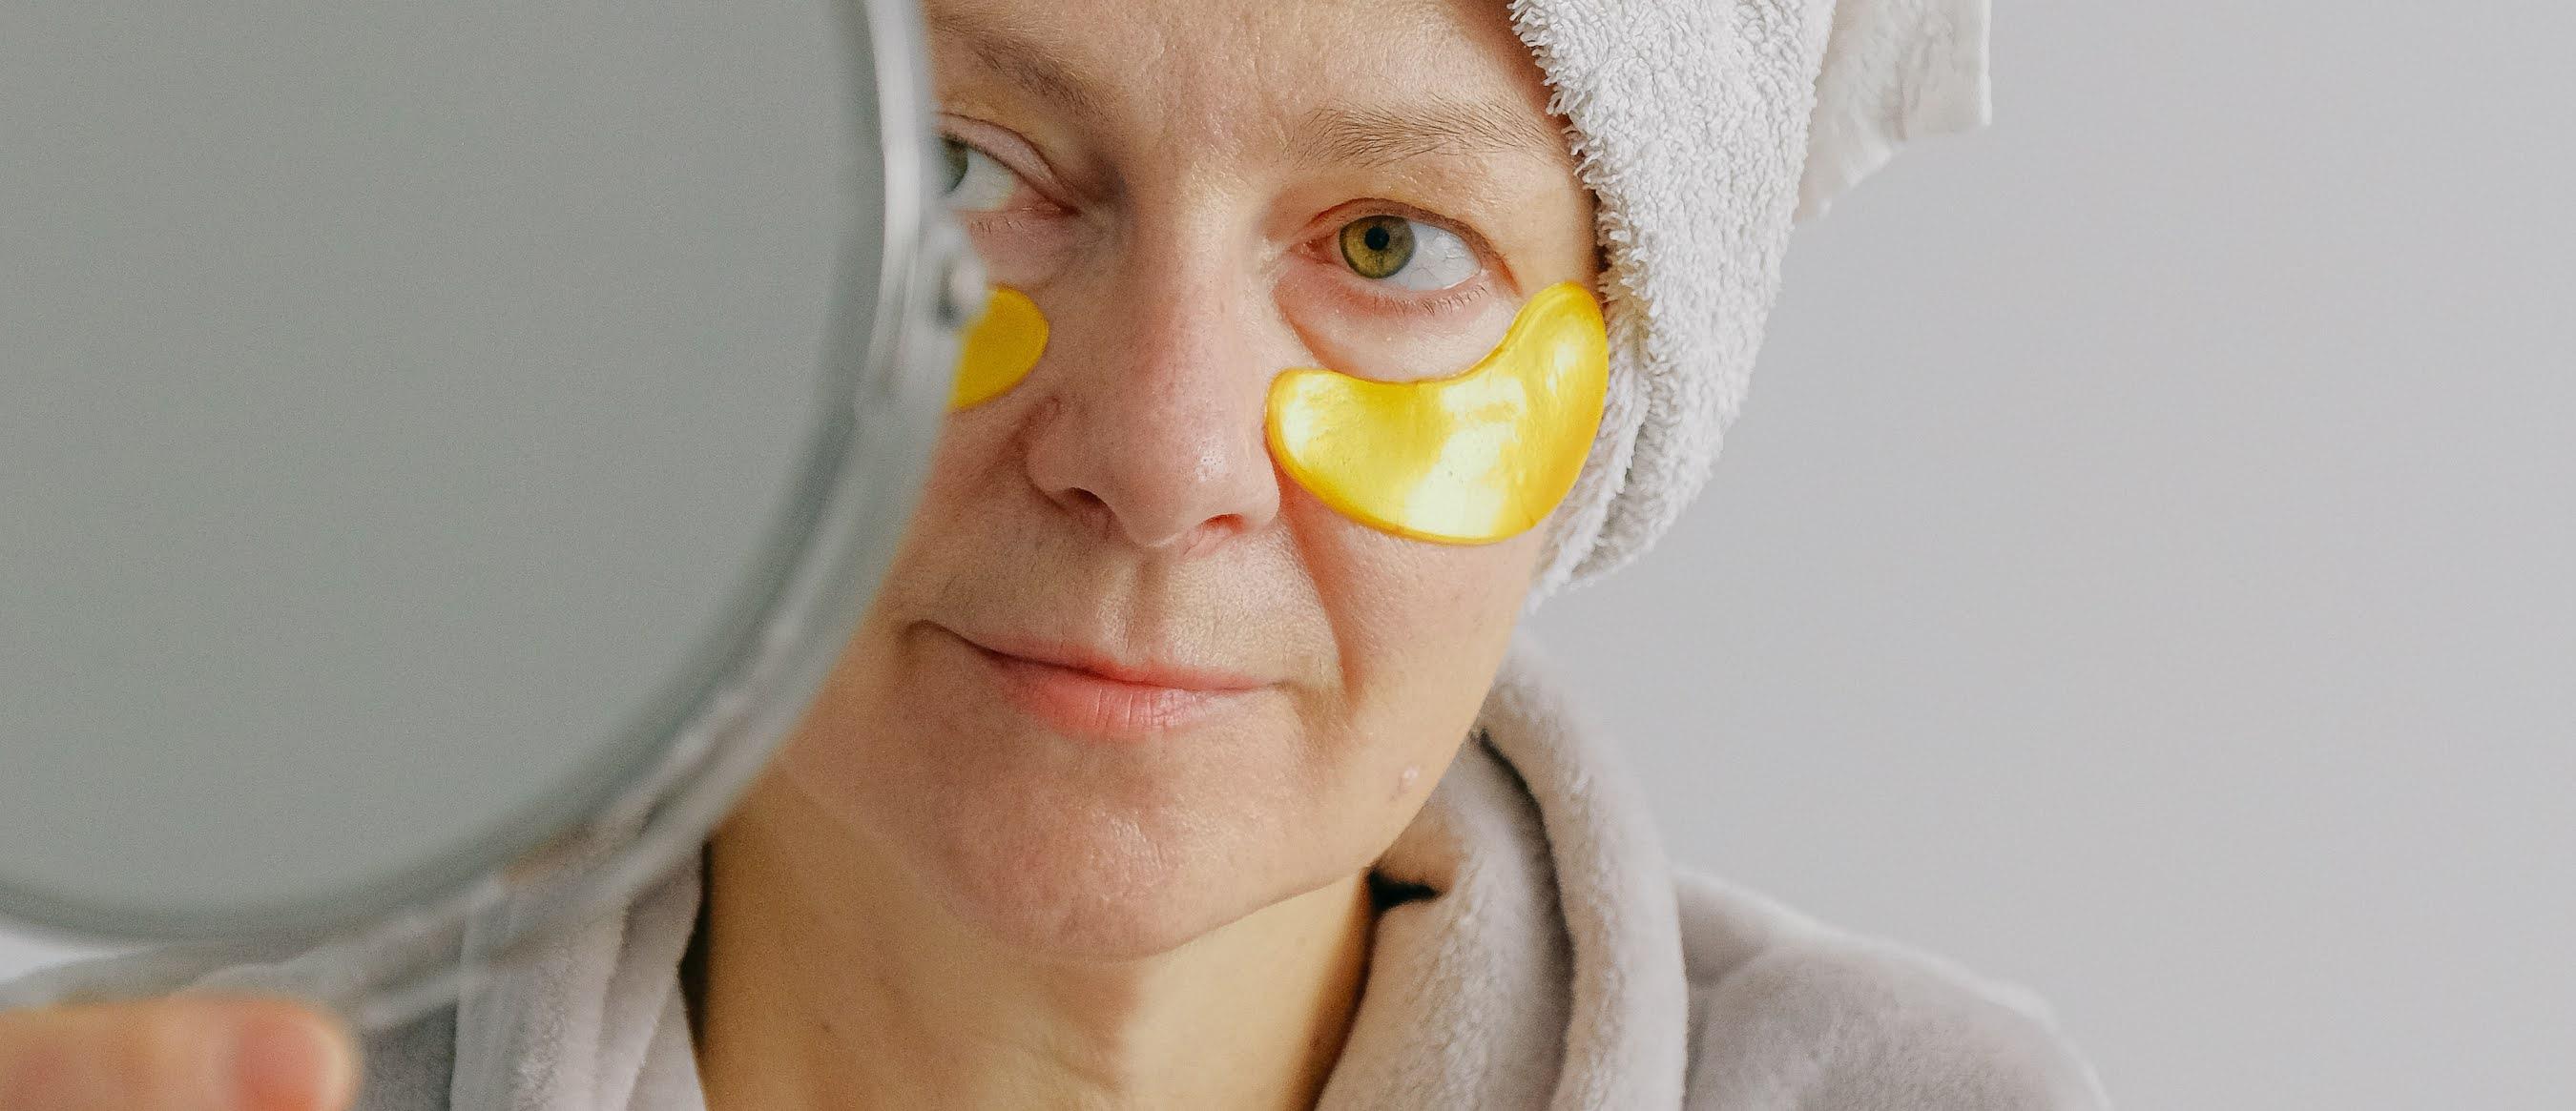 Produtos para tratar pele - opções sem sulfatos e sem petrolatos